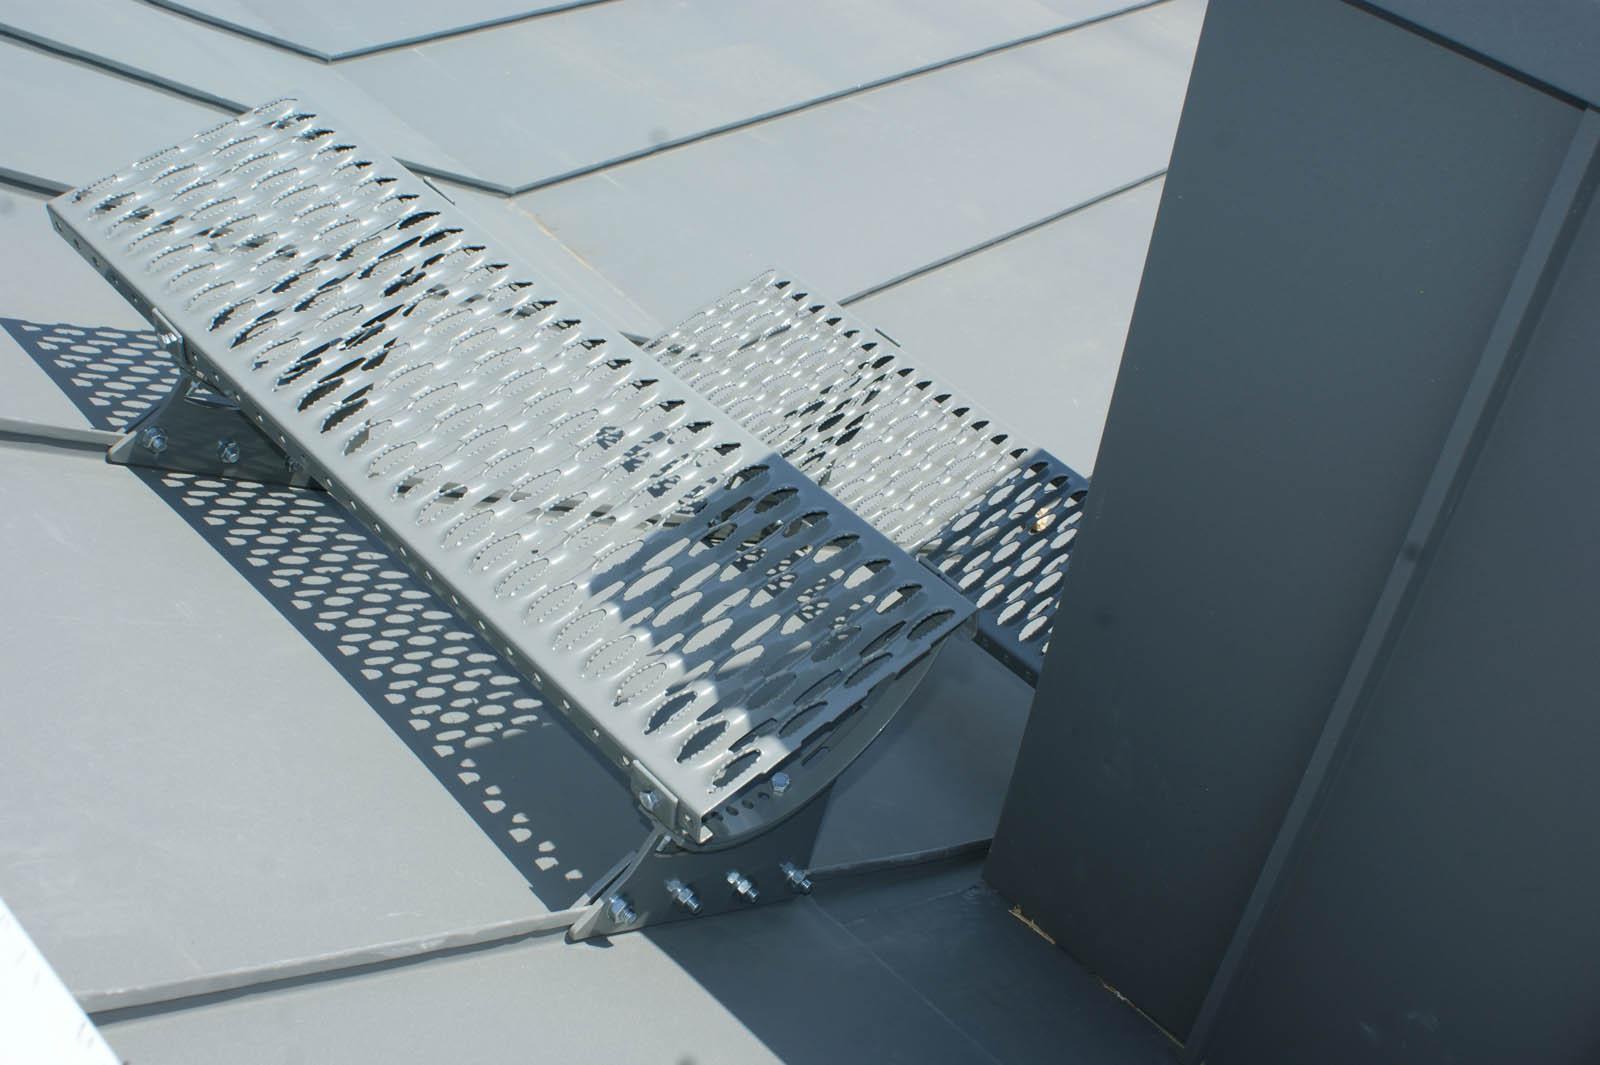 Ława kominiarska stalowa to element zestawu komunikacji dachowej CEDA. Ławy kominiarskie pozwalają na sprawne i bezpieczne poruszanie się po dachu.